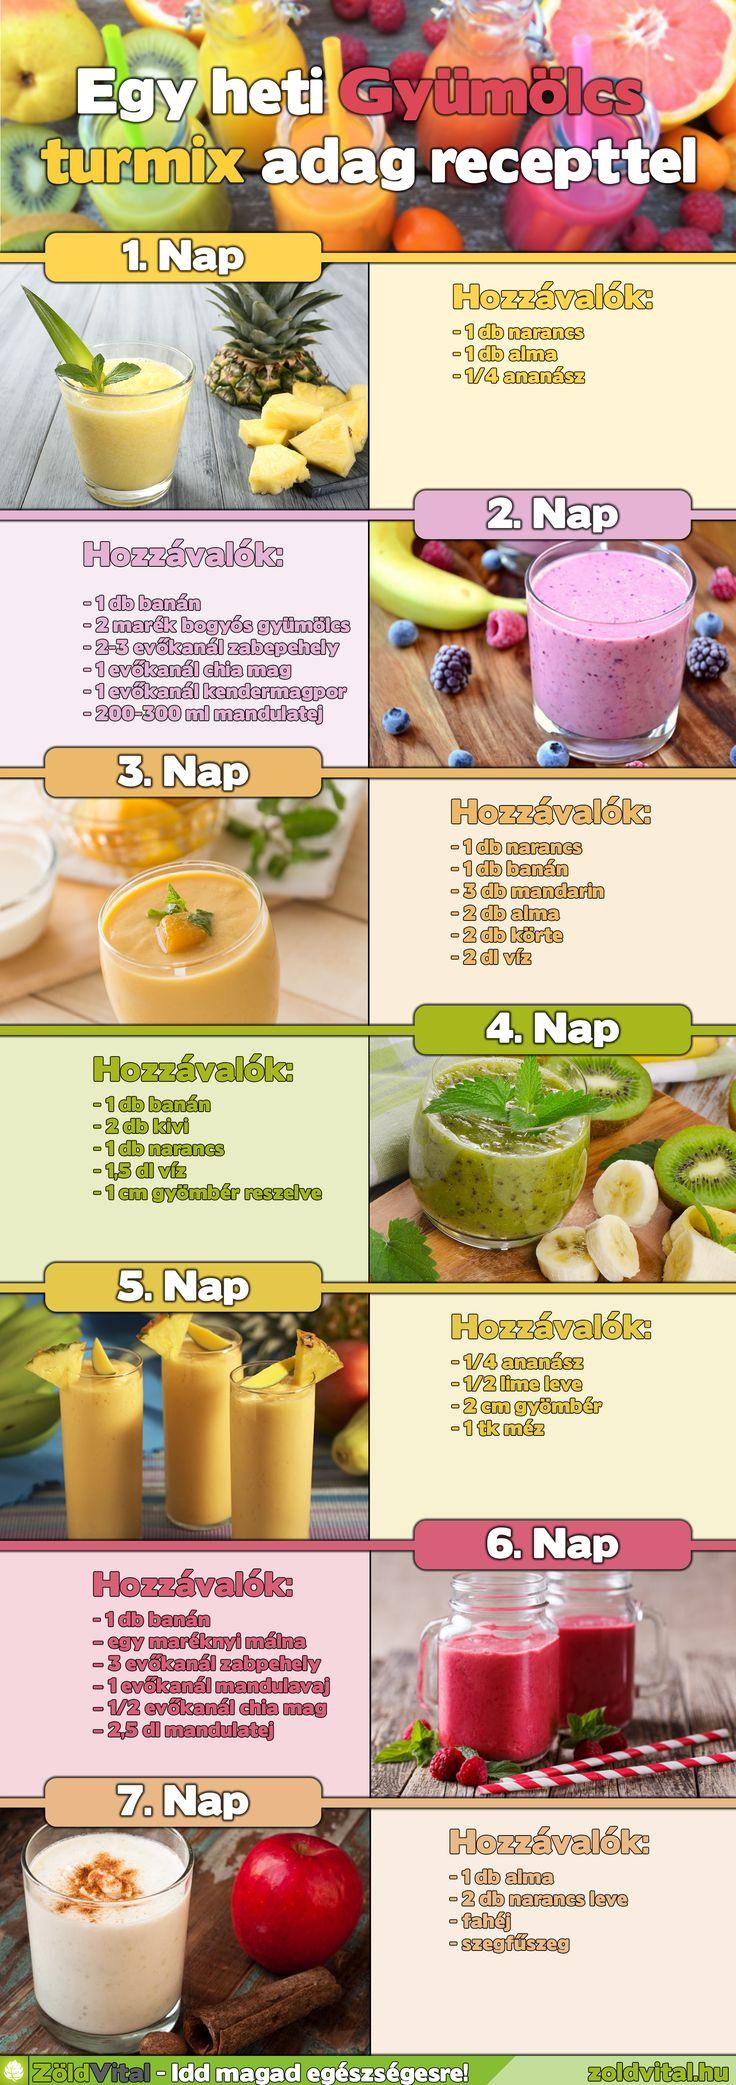 Egy heti gyümölcs turmix adag recepttel! Fogyassz te is egészséges turmixokat, smoothiekat. Íme néhány recept az elkészítéshez.